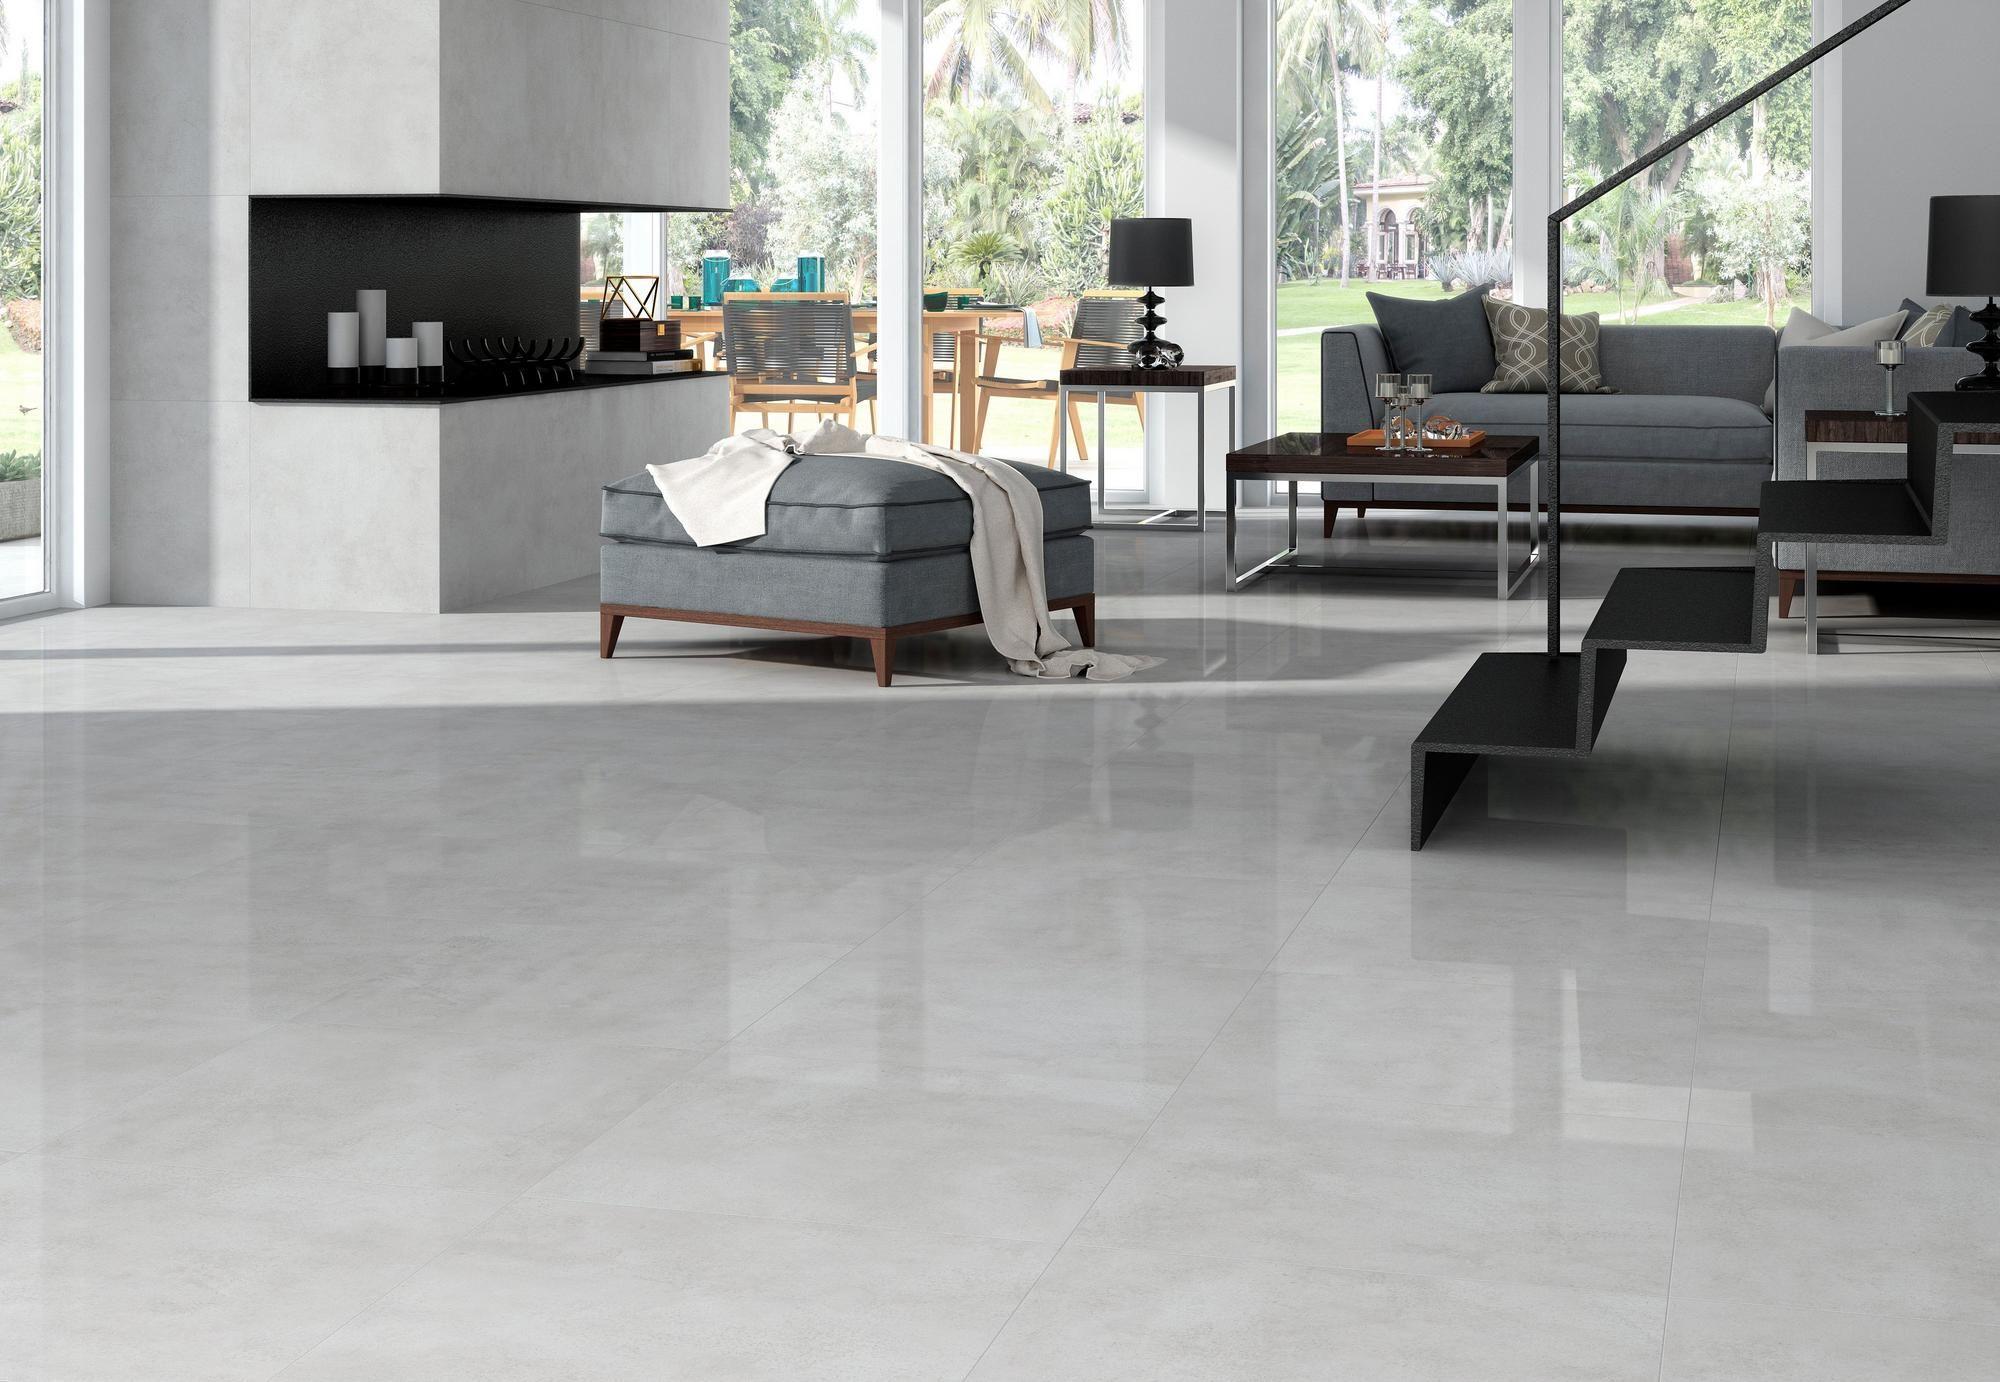 Kalos Gris Polished Porcelain Tile Polished Porcelain Tiles White Porcelain Tile Concrete Floors Living Room